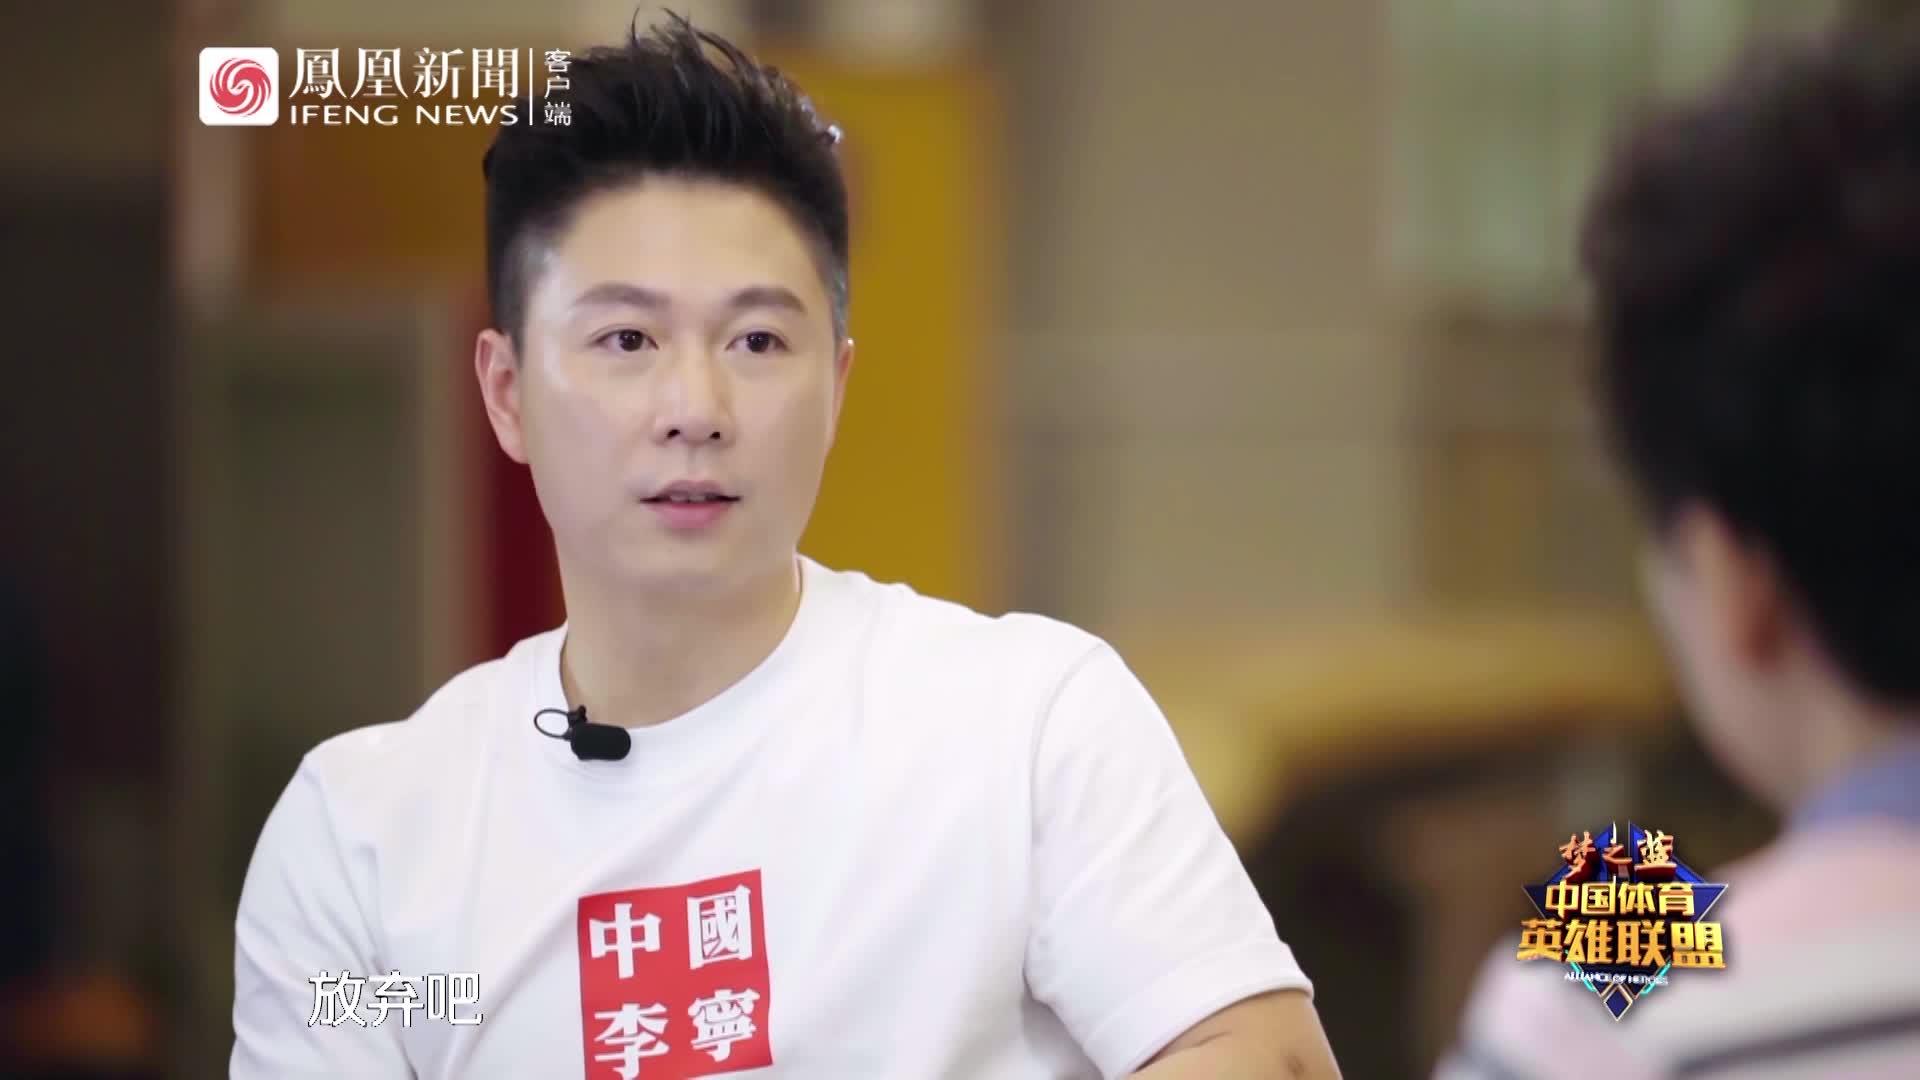 独家| 李小鹏:一辈子练体操的苦,我都在那一年吃完了